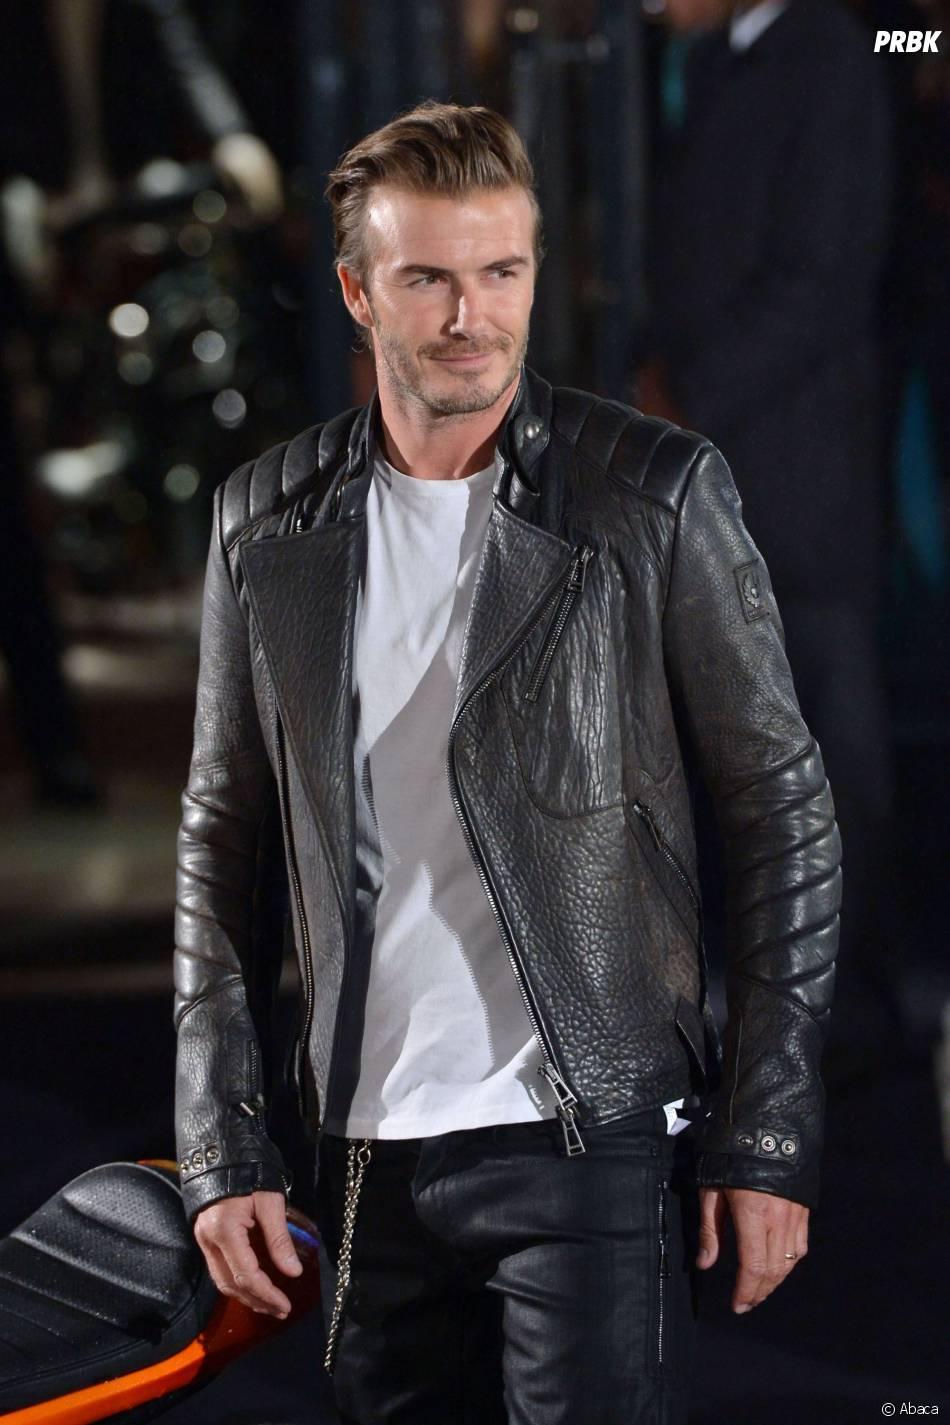 David Beckham mannequin de la Fashion Week, le 15 septembre 2013 à Londres